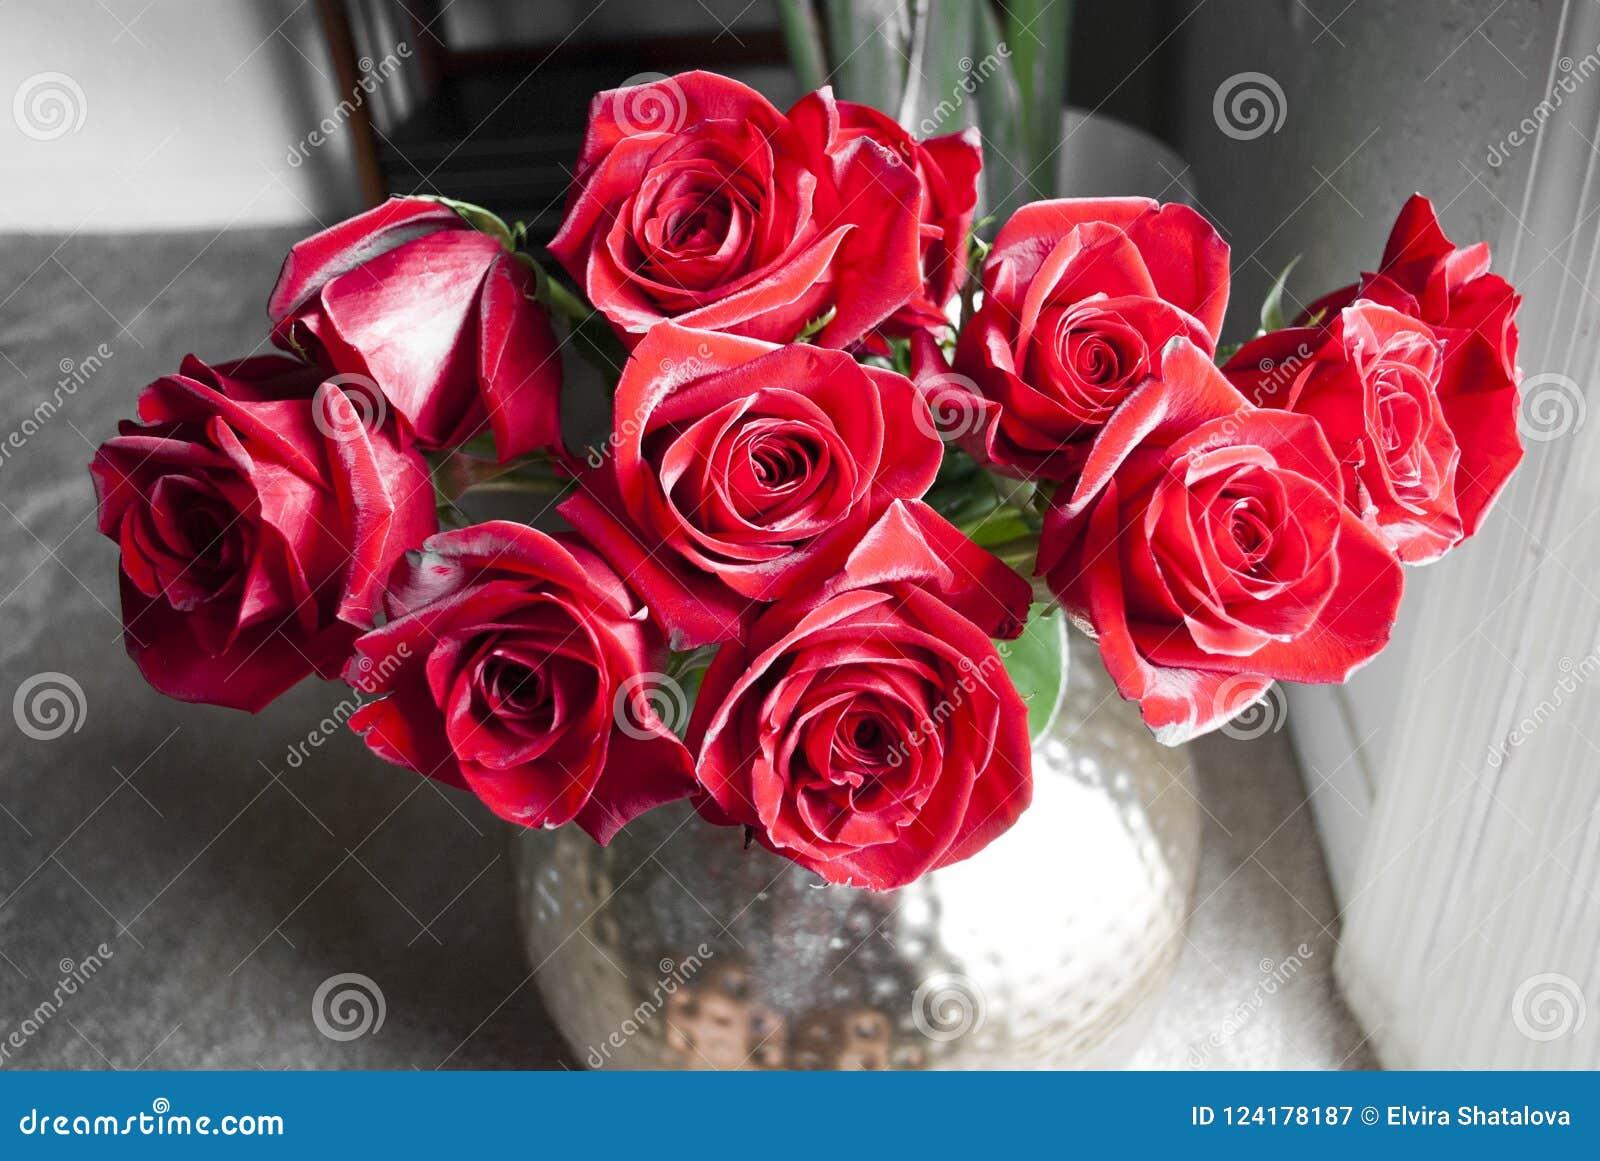 En grupp av mörker - röda rosor med grå bakgrund